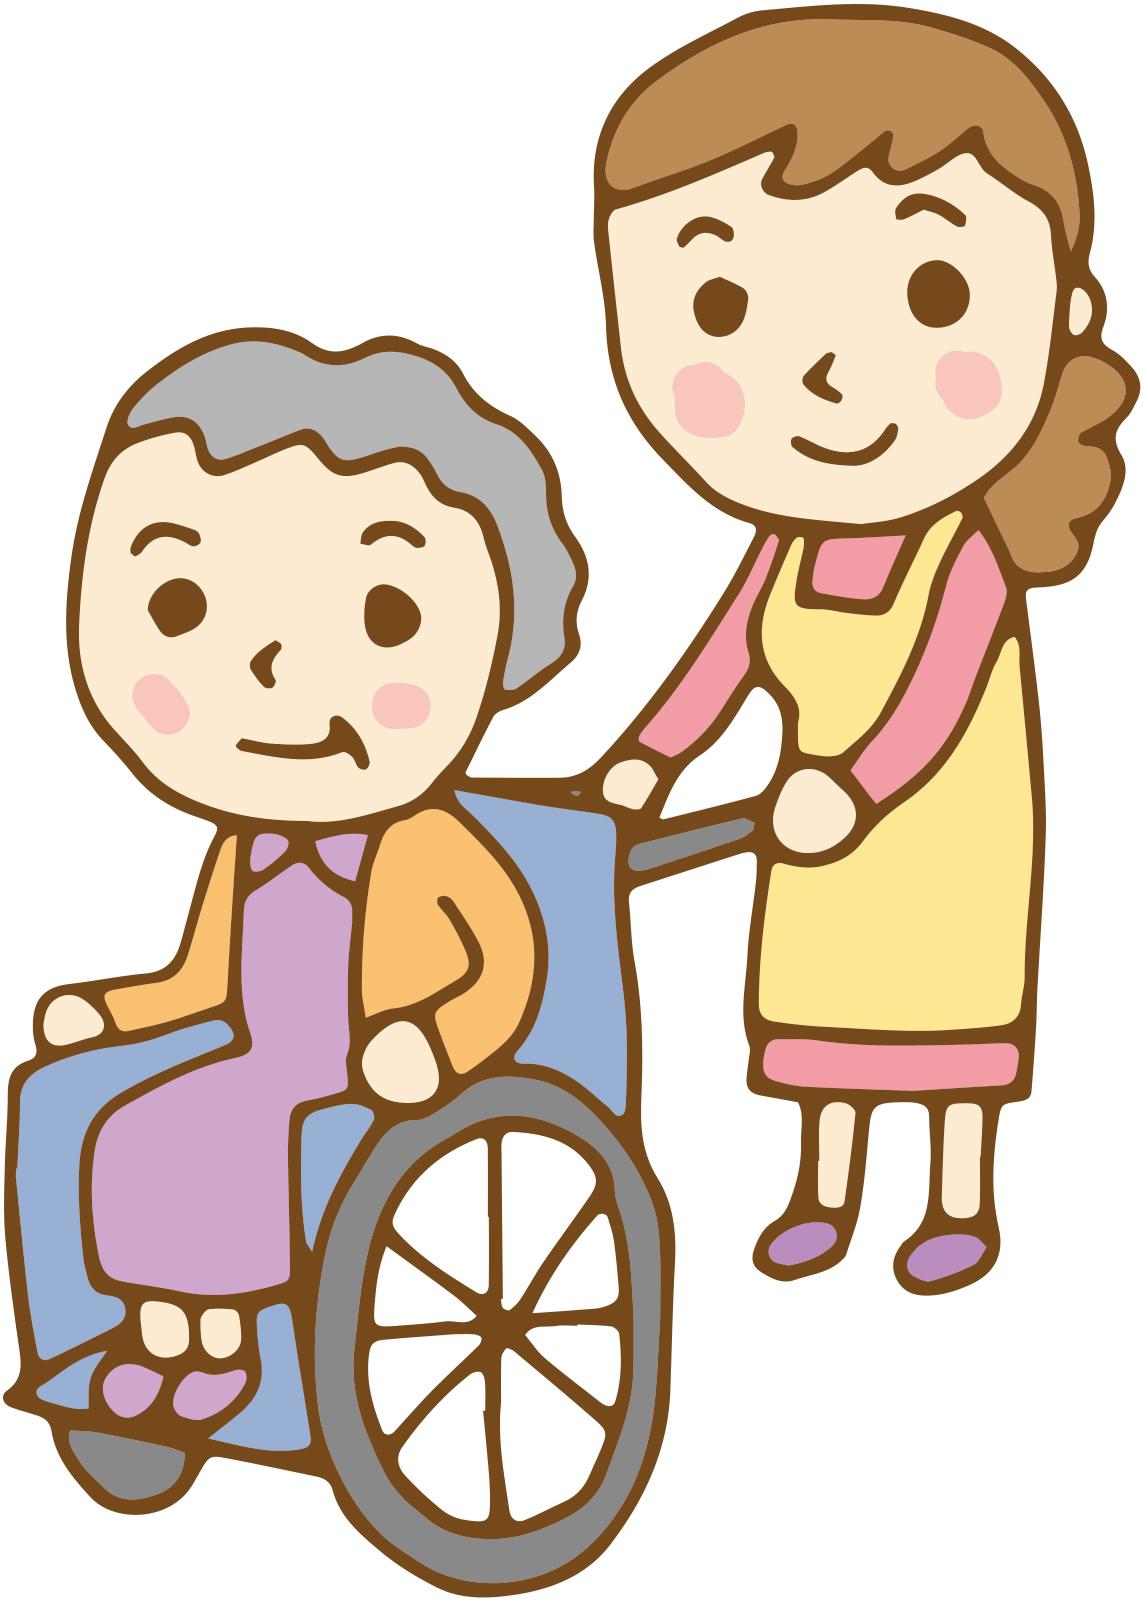 老親を見守るにはーシニア向け家事代行サービスの利用(北陸編)の画像